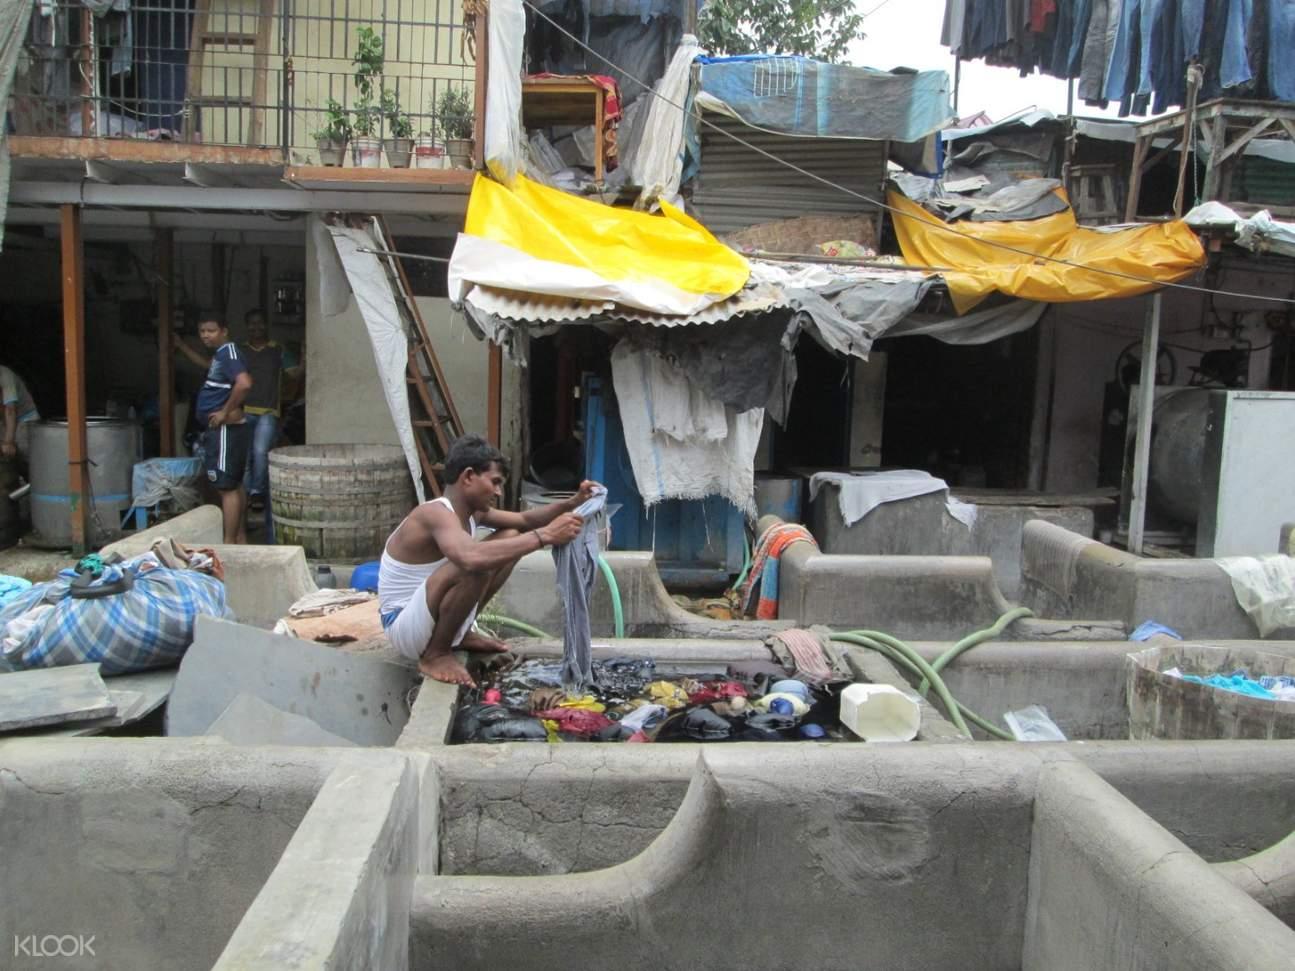 孟买达巴瓦拉(Dabbawalas)& Dhobi Ghat 千人洗衣场半日游